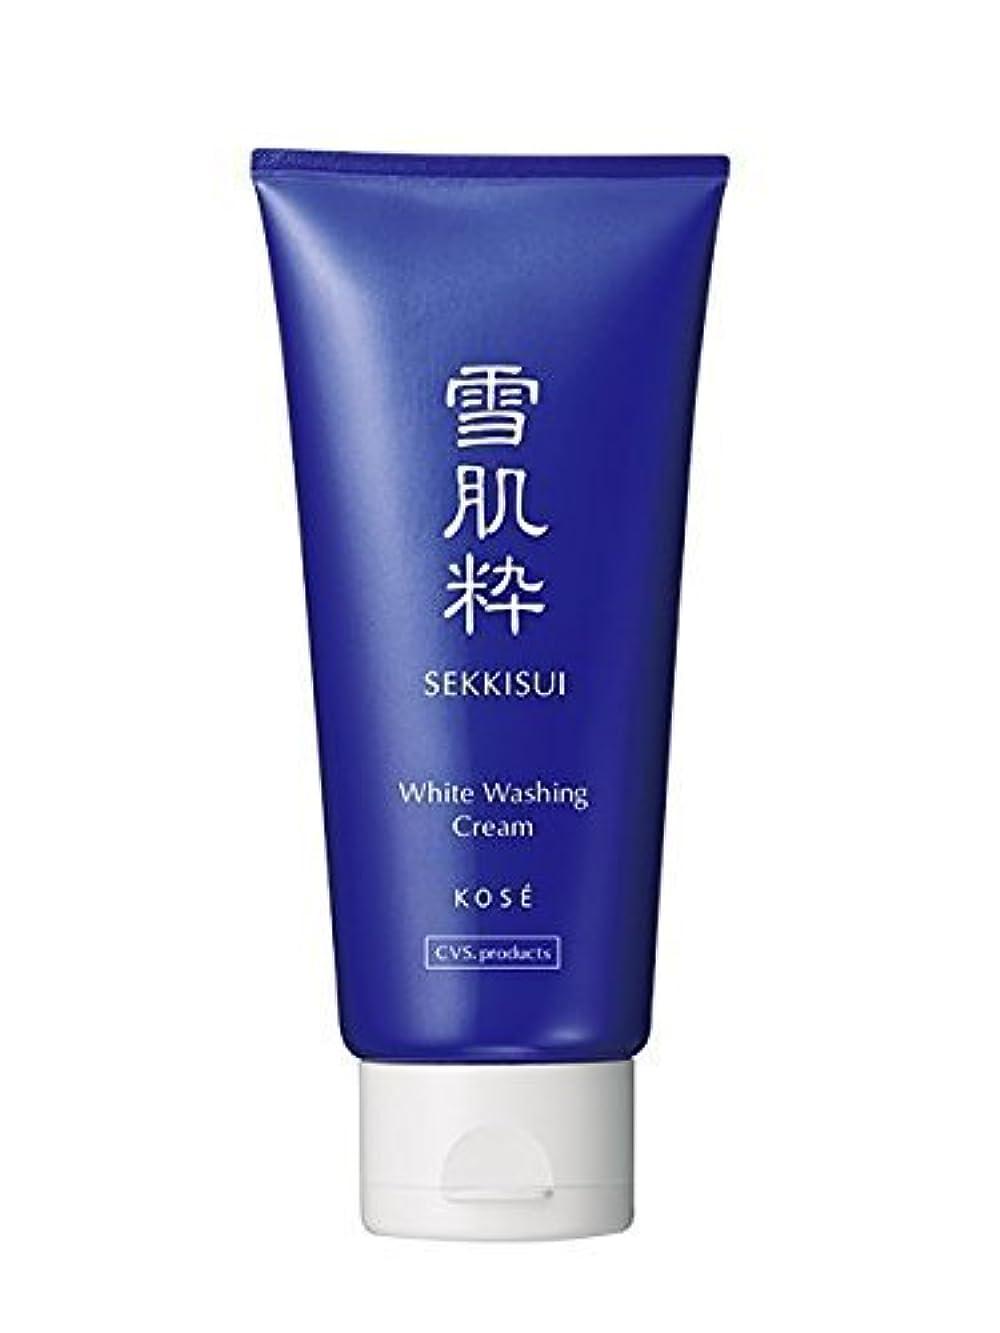 注目すべきひまわり長さ雪肌粋 Kose Sekkisui White Washing Cream - 80g